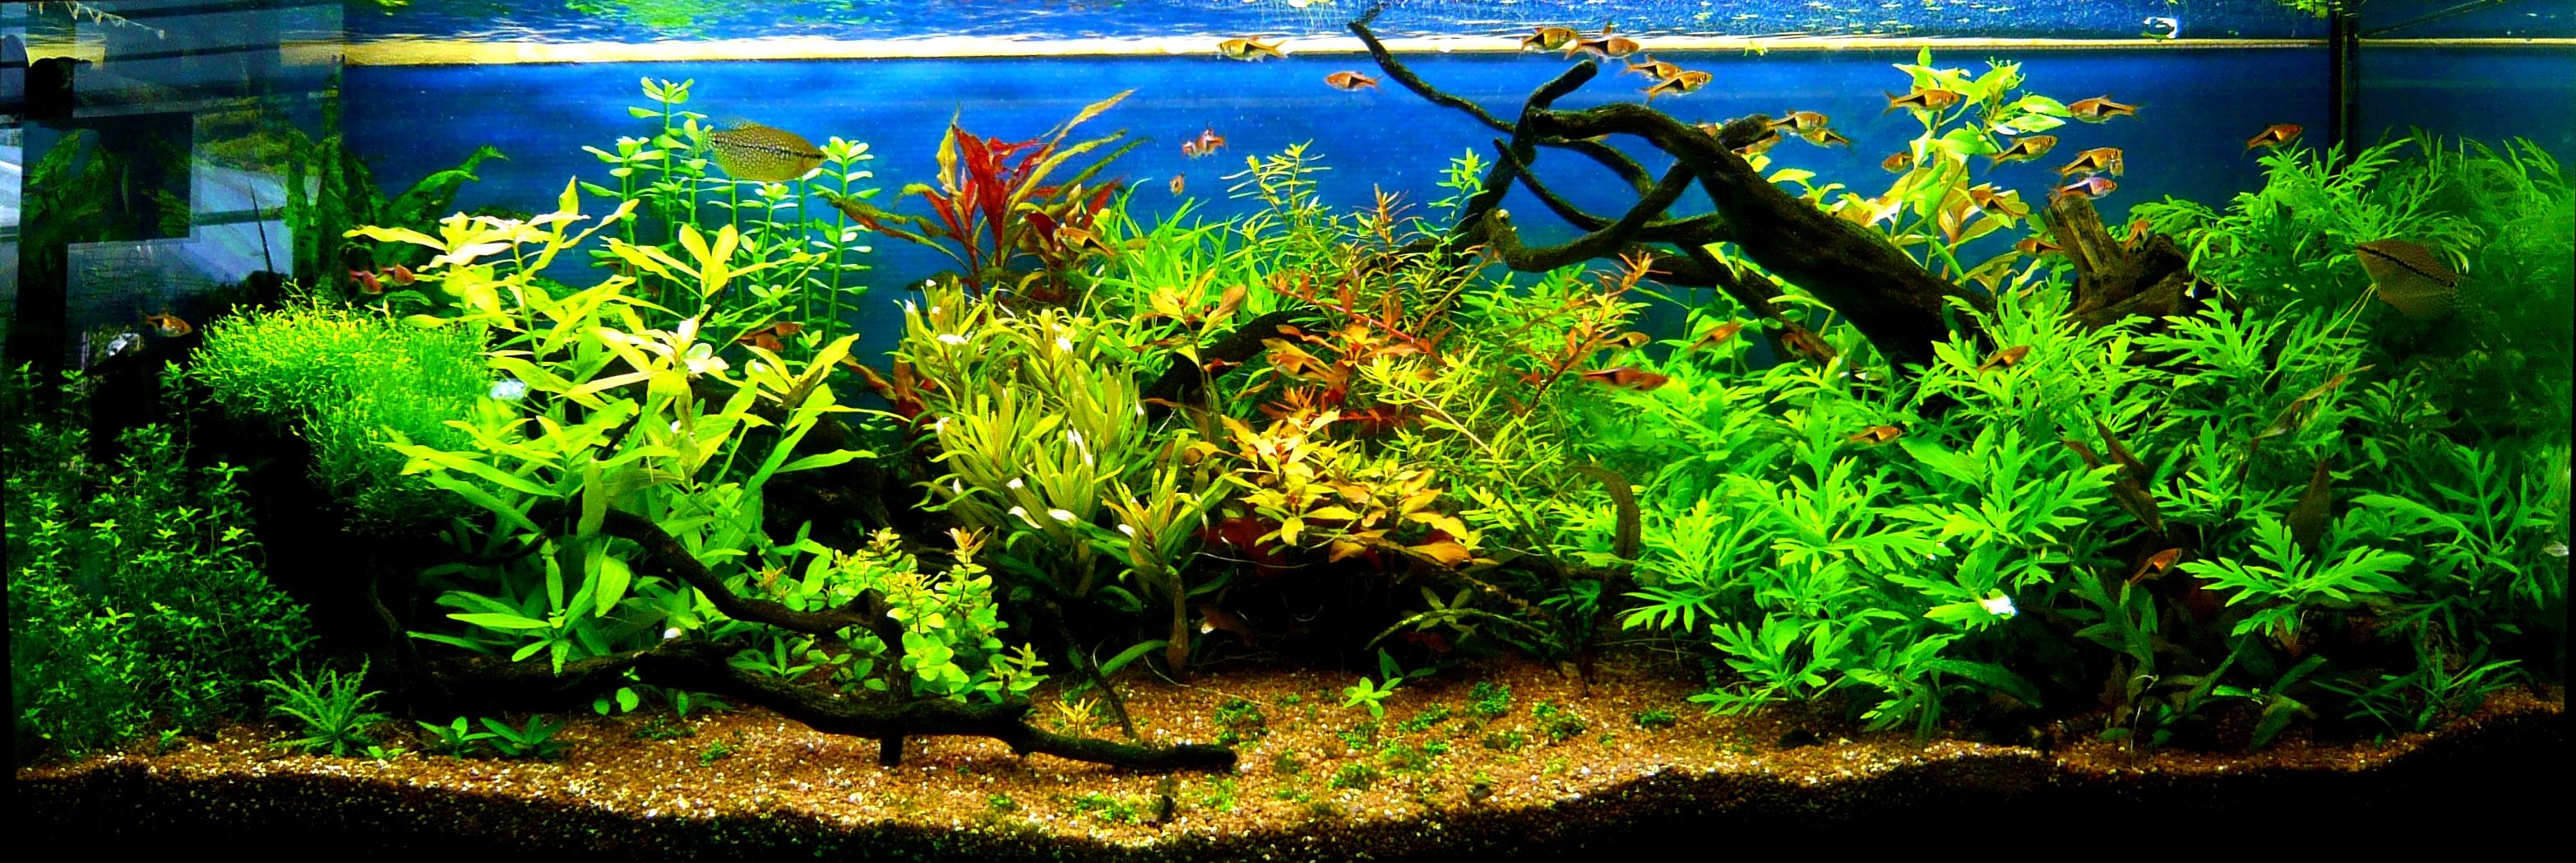 Acquario moderno torino casamia idea di immagine for Pesci acqua dolce online